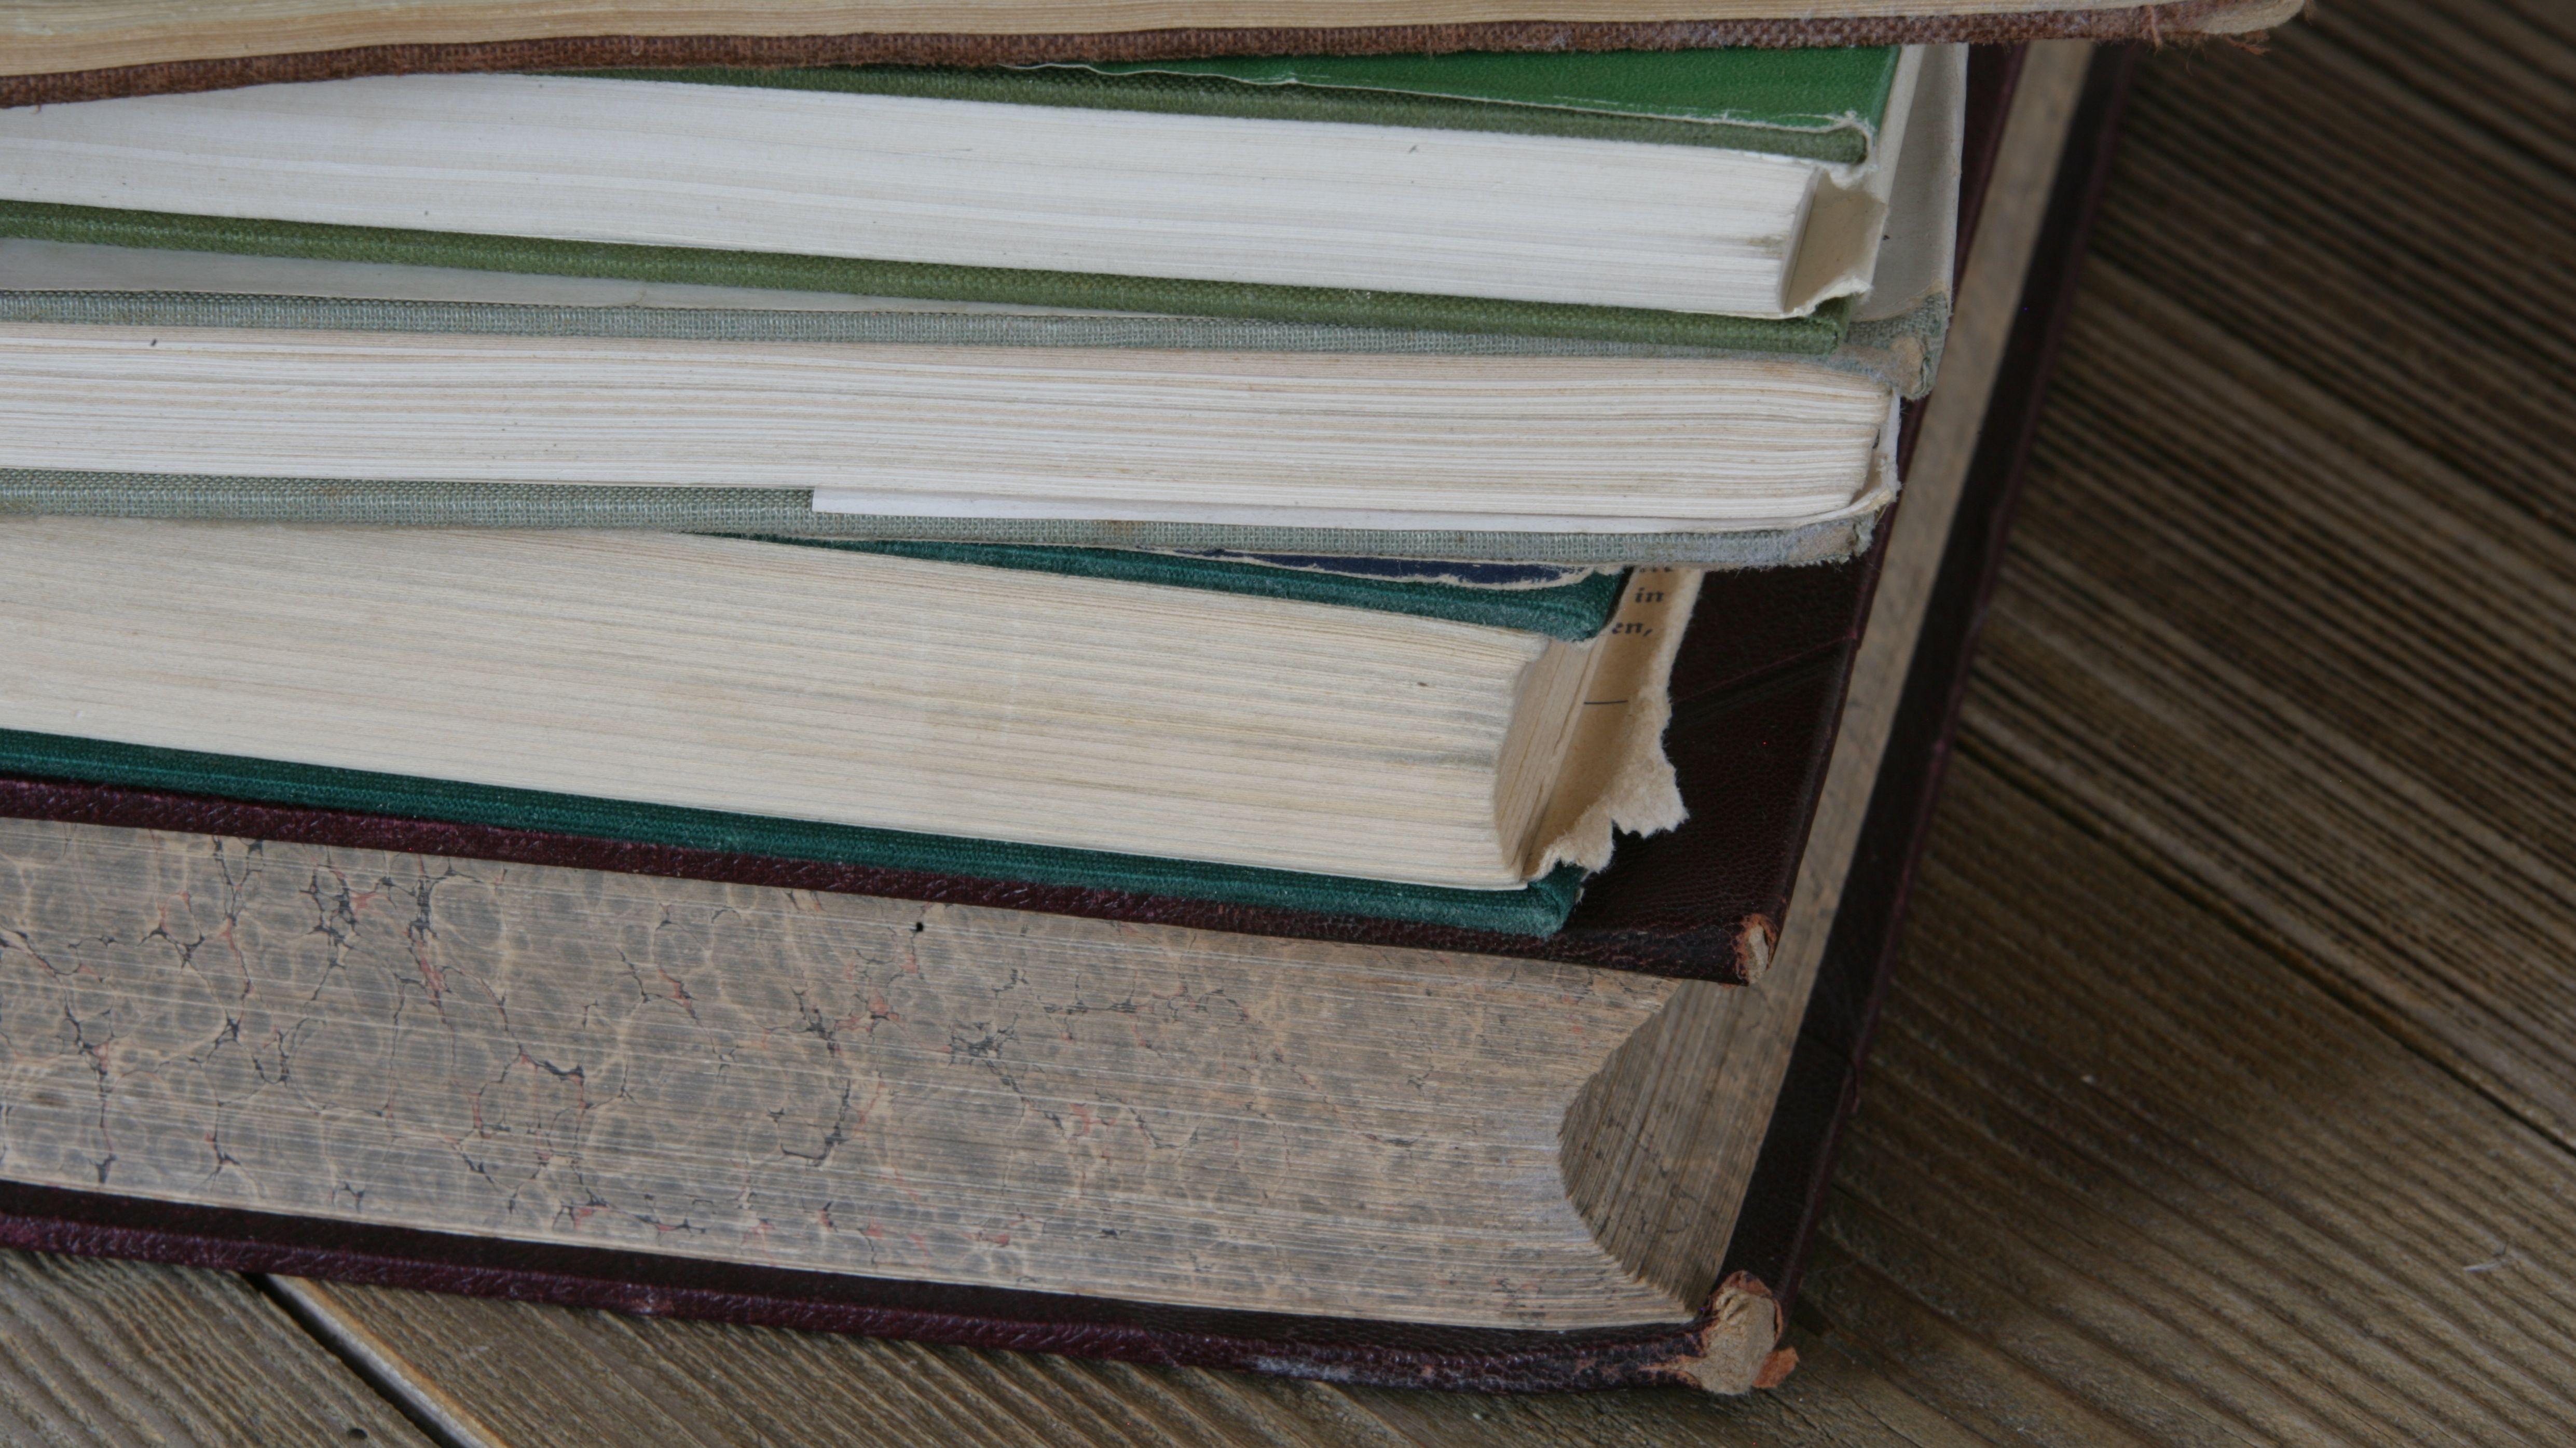 Stapel alter Bücher auf Holztisch